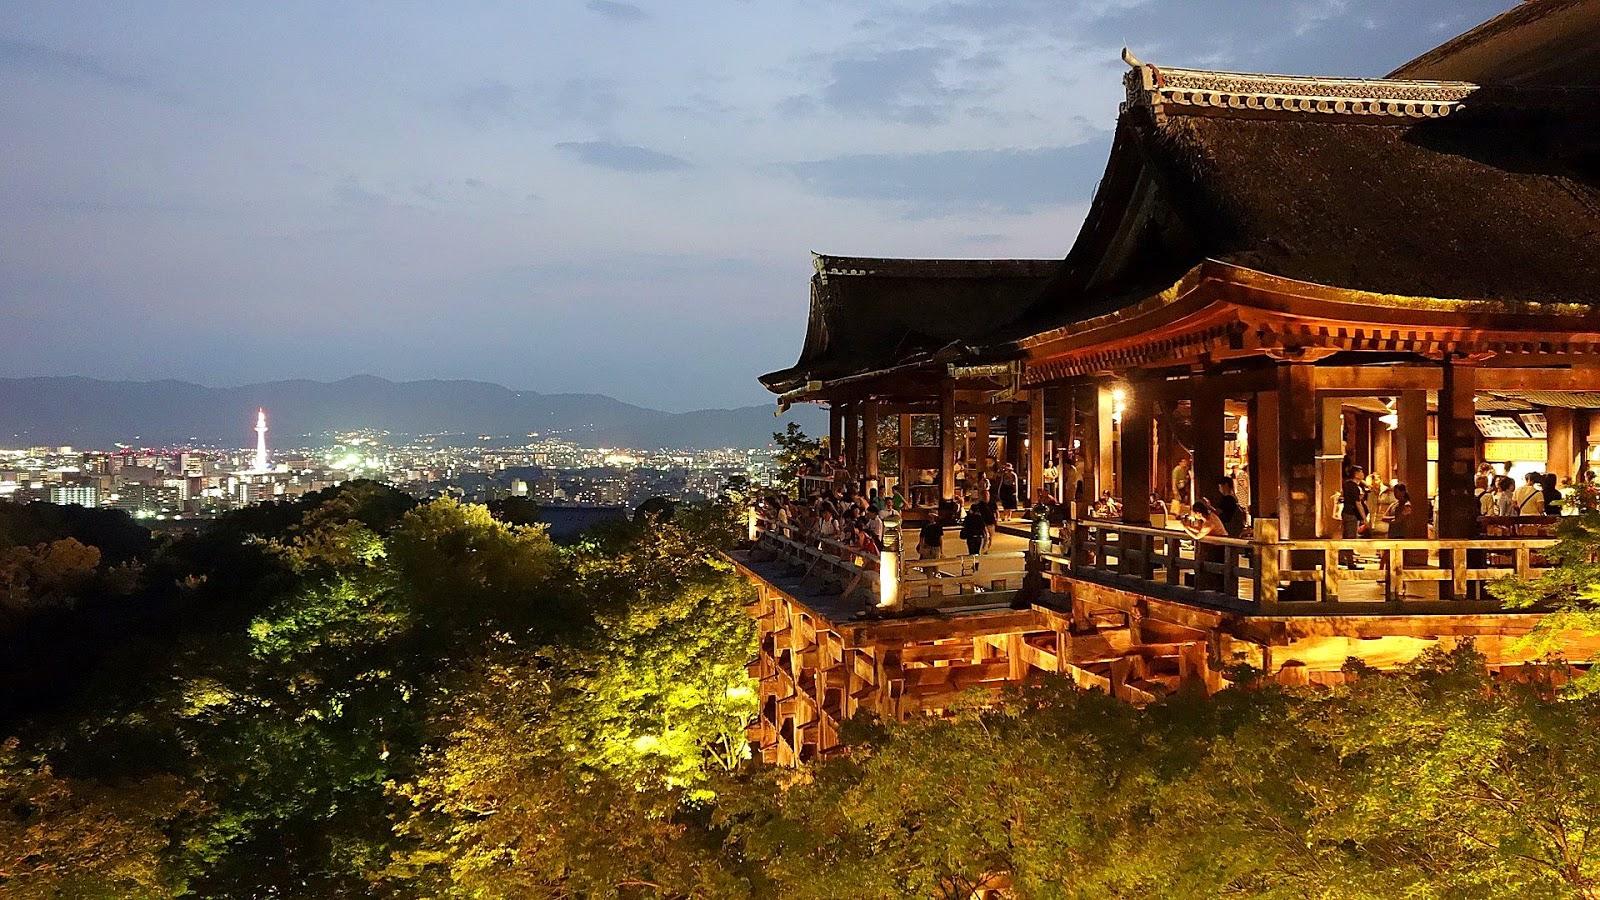 京都-京都景點-推薦-清水寺-Kiyomizu-dera Temple-自由行-旅遊-市區-京都必去景點-京都好玩景點-行程-京都必遊景點-日本-Kyoto-Tourist-Attraction